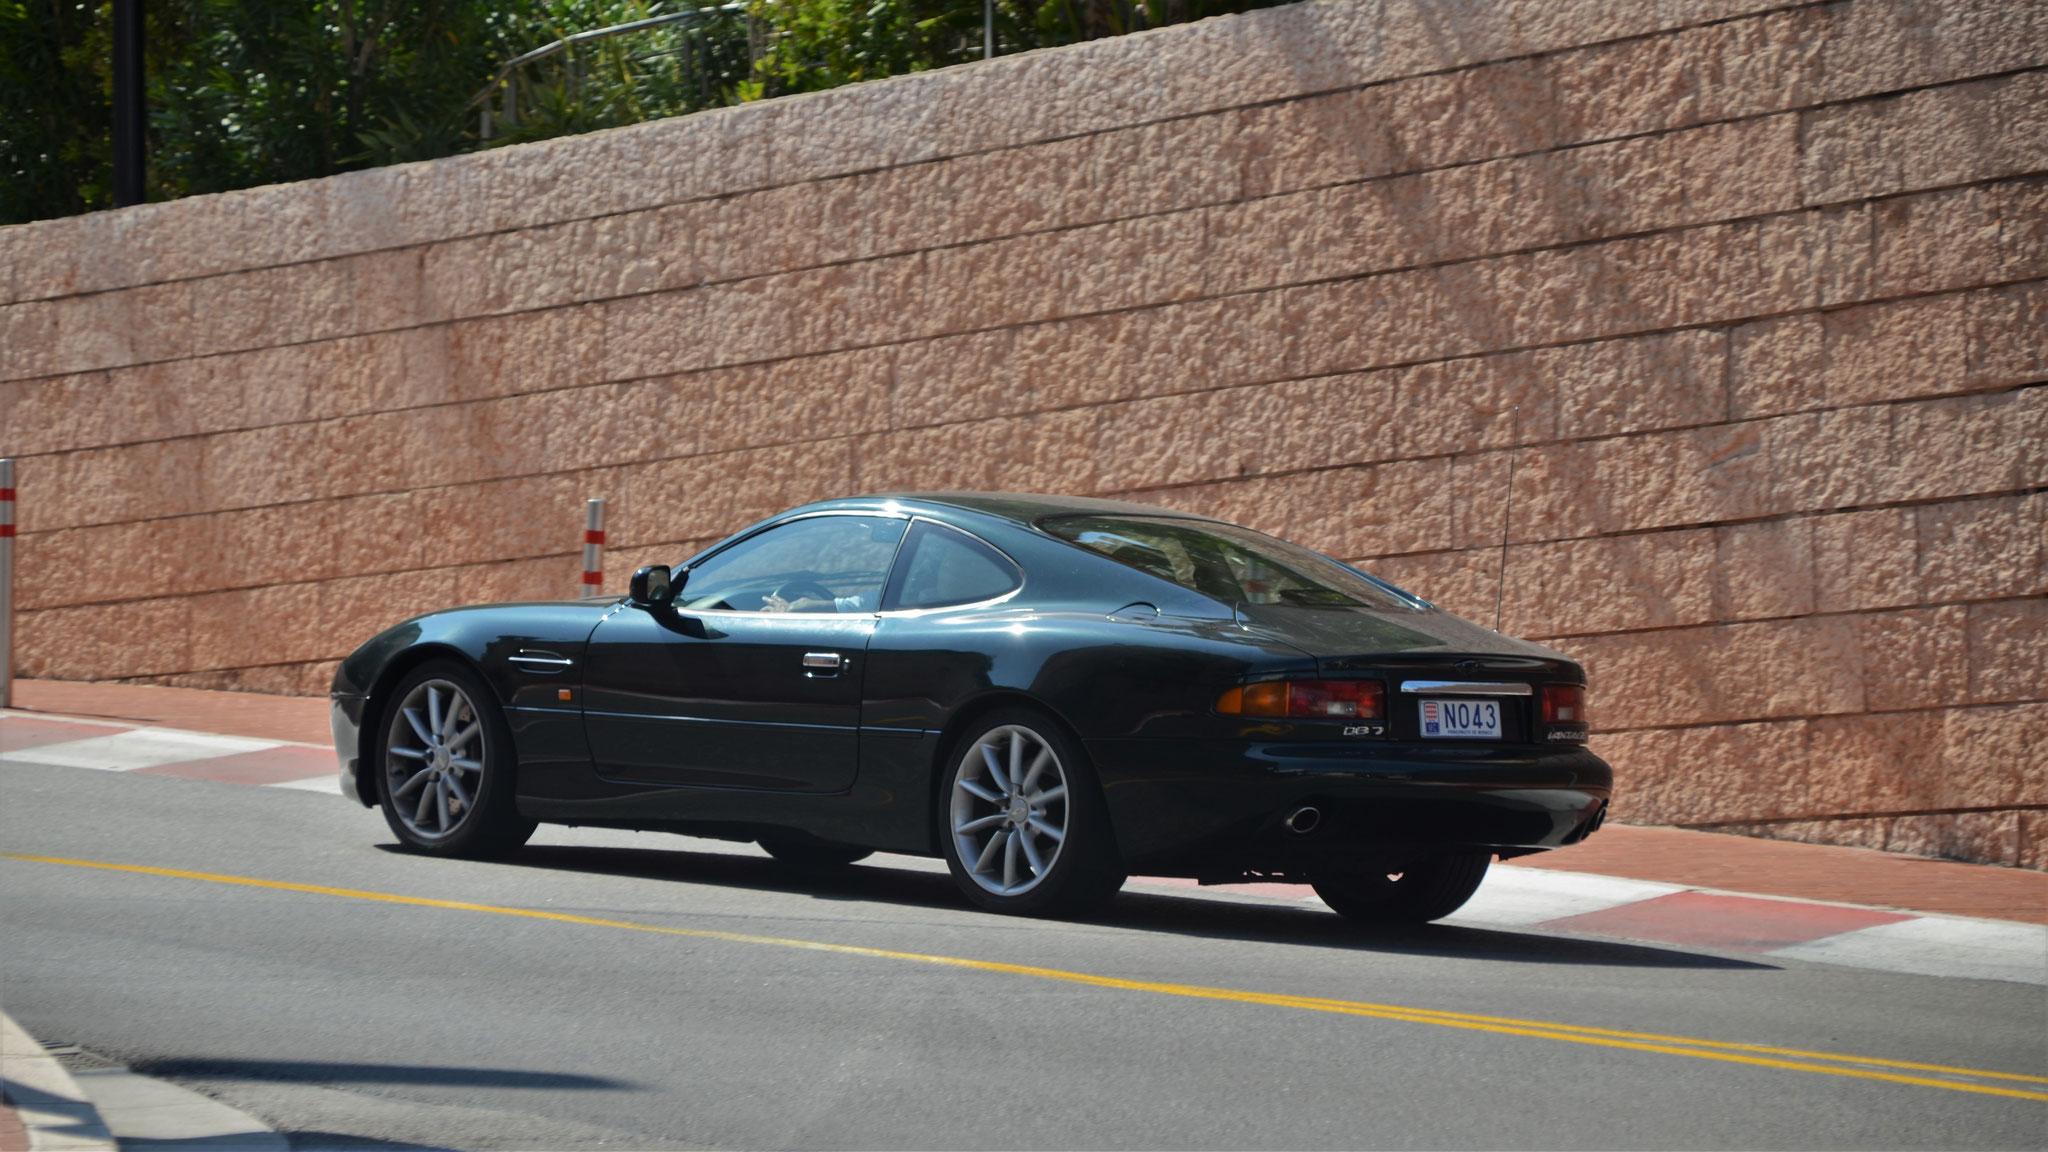 Aston Martin DB7 - N043 (MC)